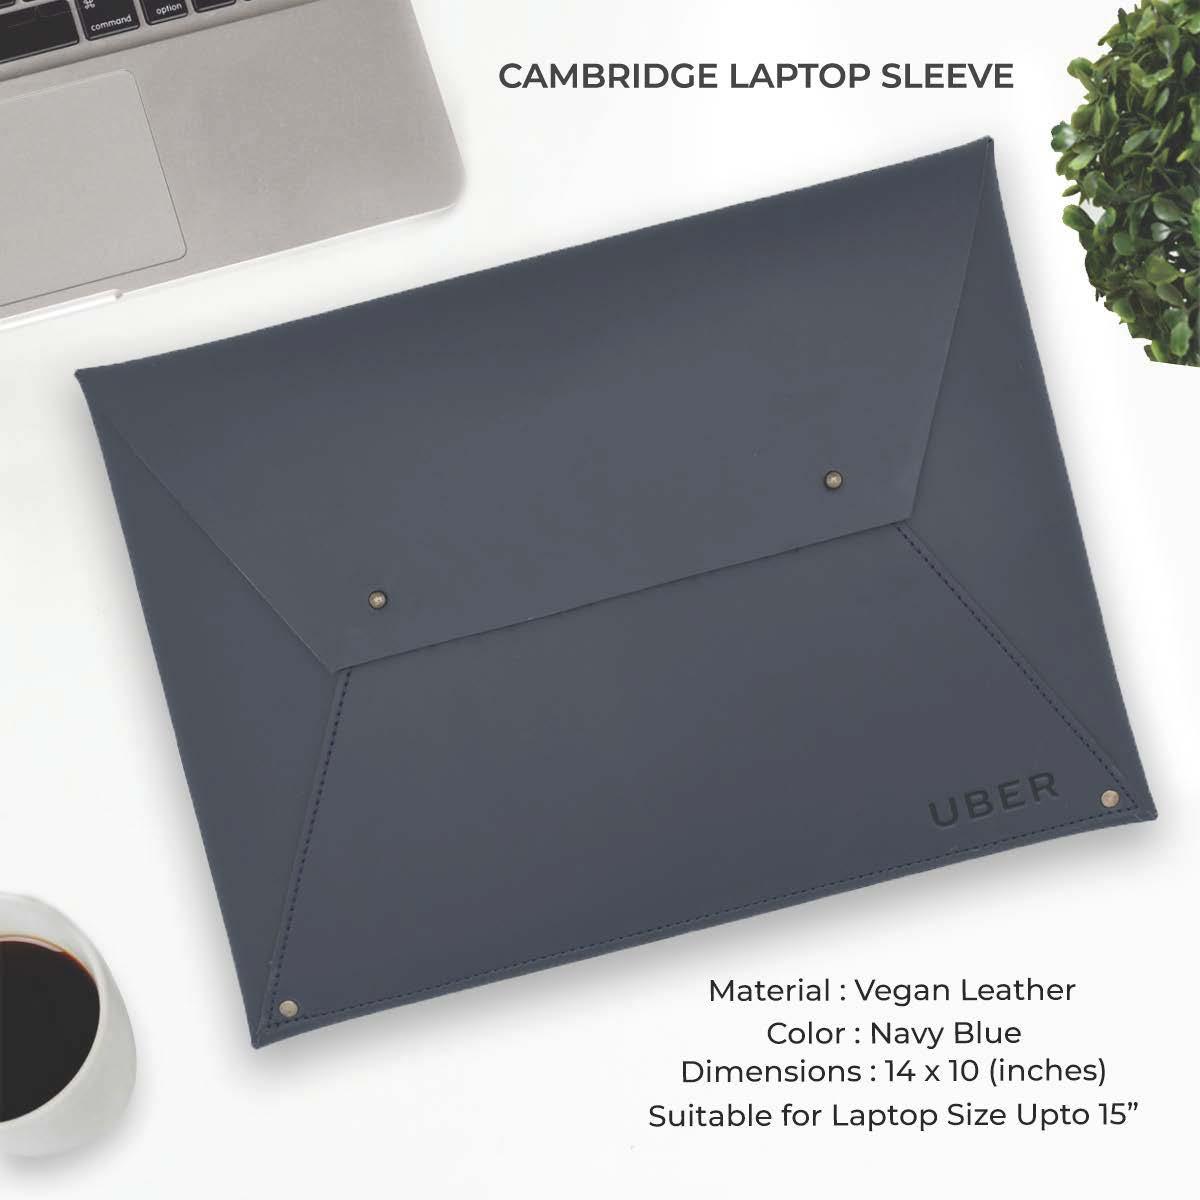 Cambridge Laptop Sleeve - Navy Blue